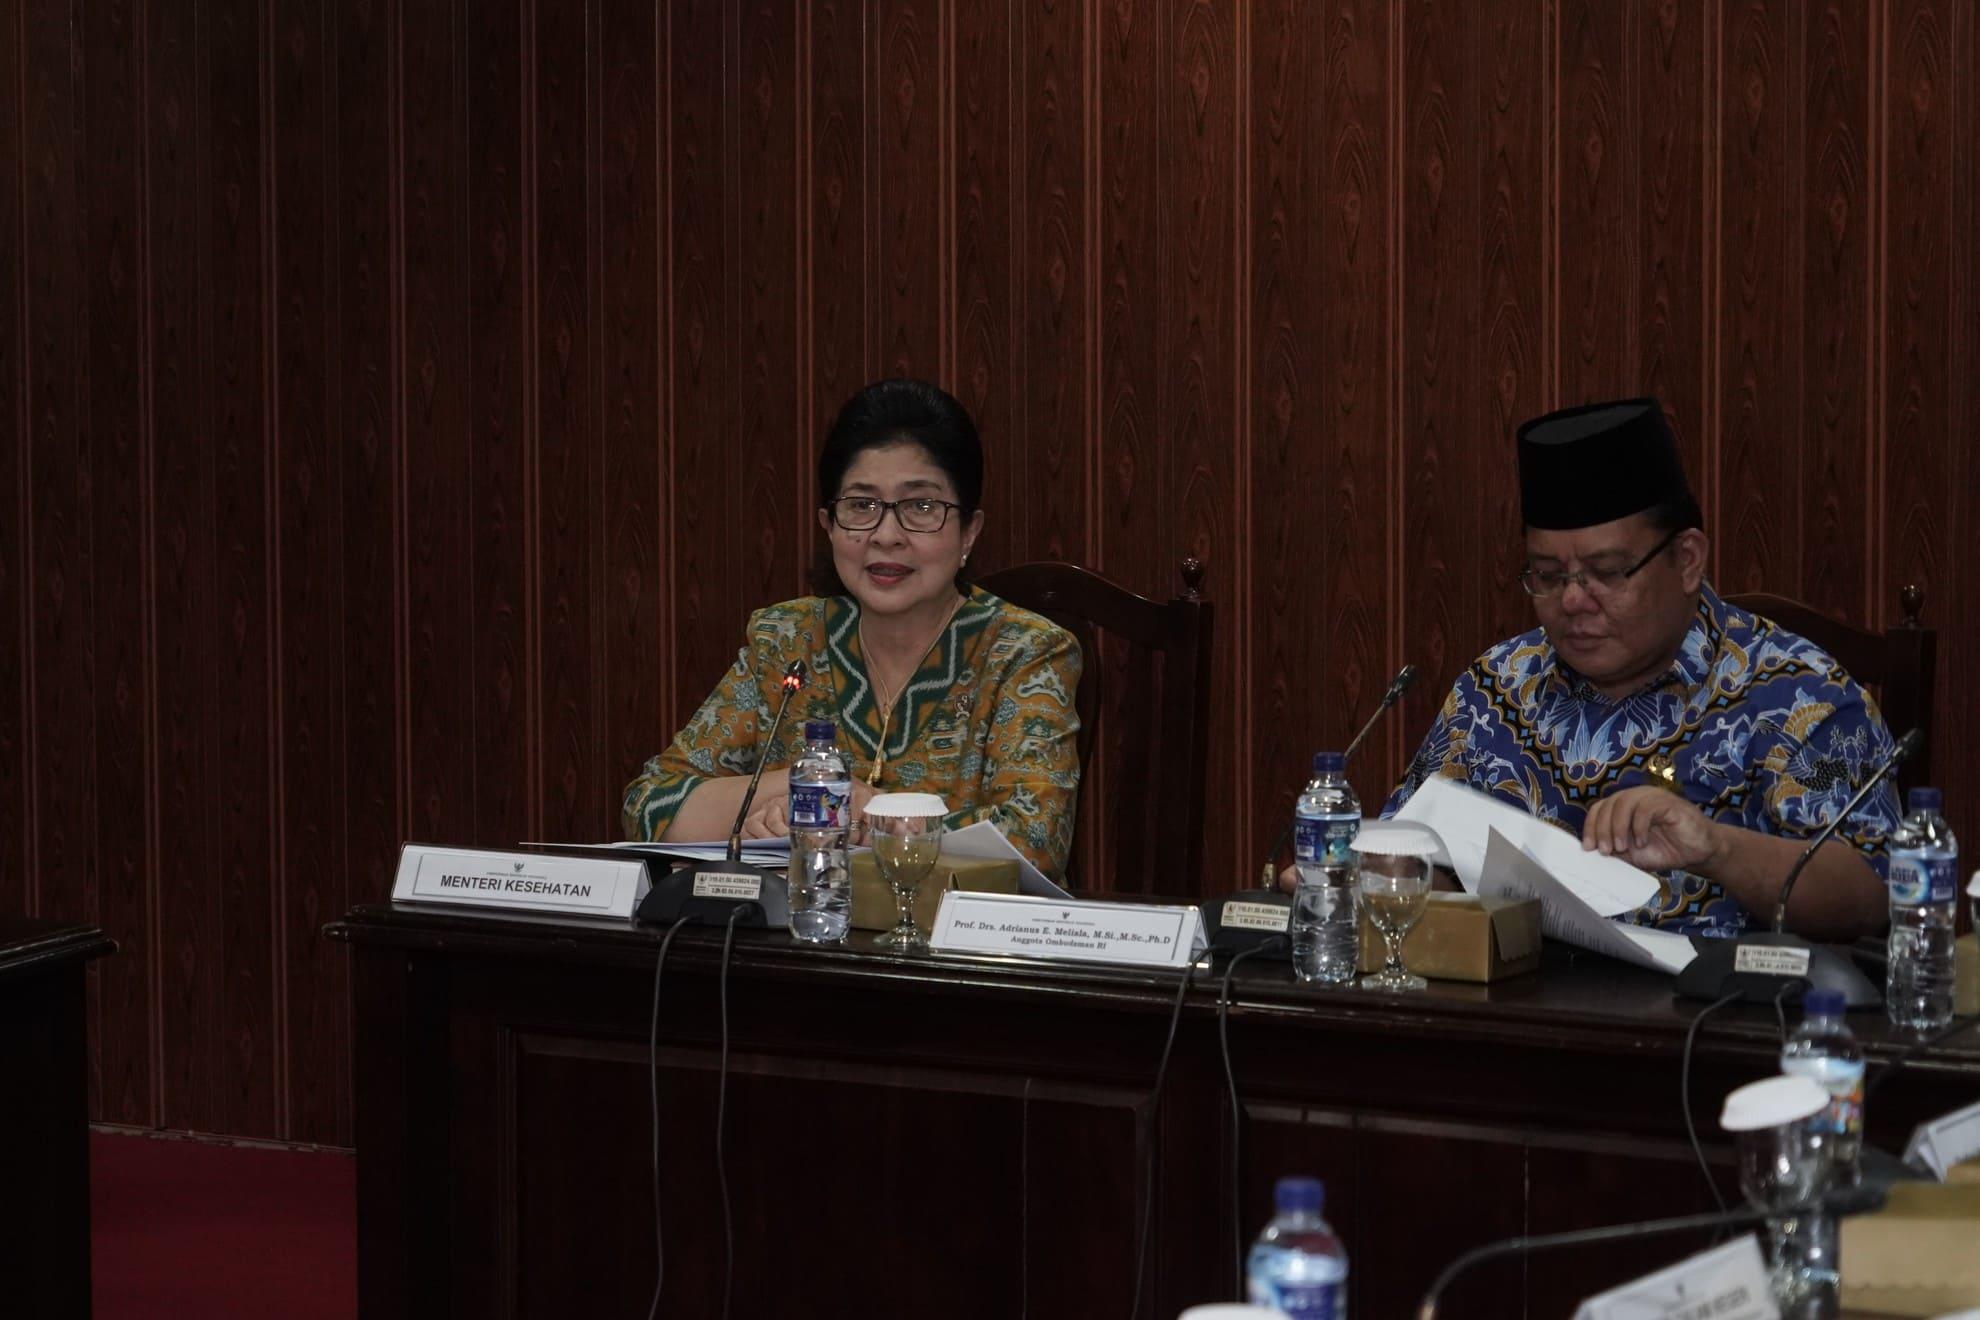 9-7-2018-pertemuan-penyerahan-hasil-sidak-lebaran-dari-ombudsman-7